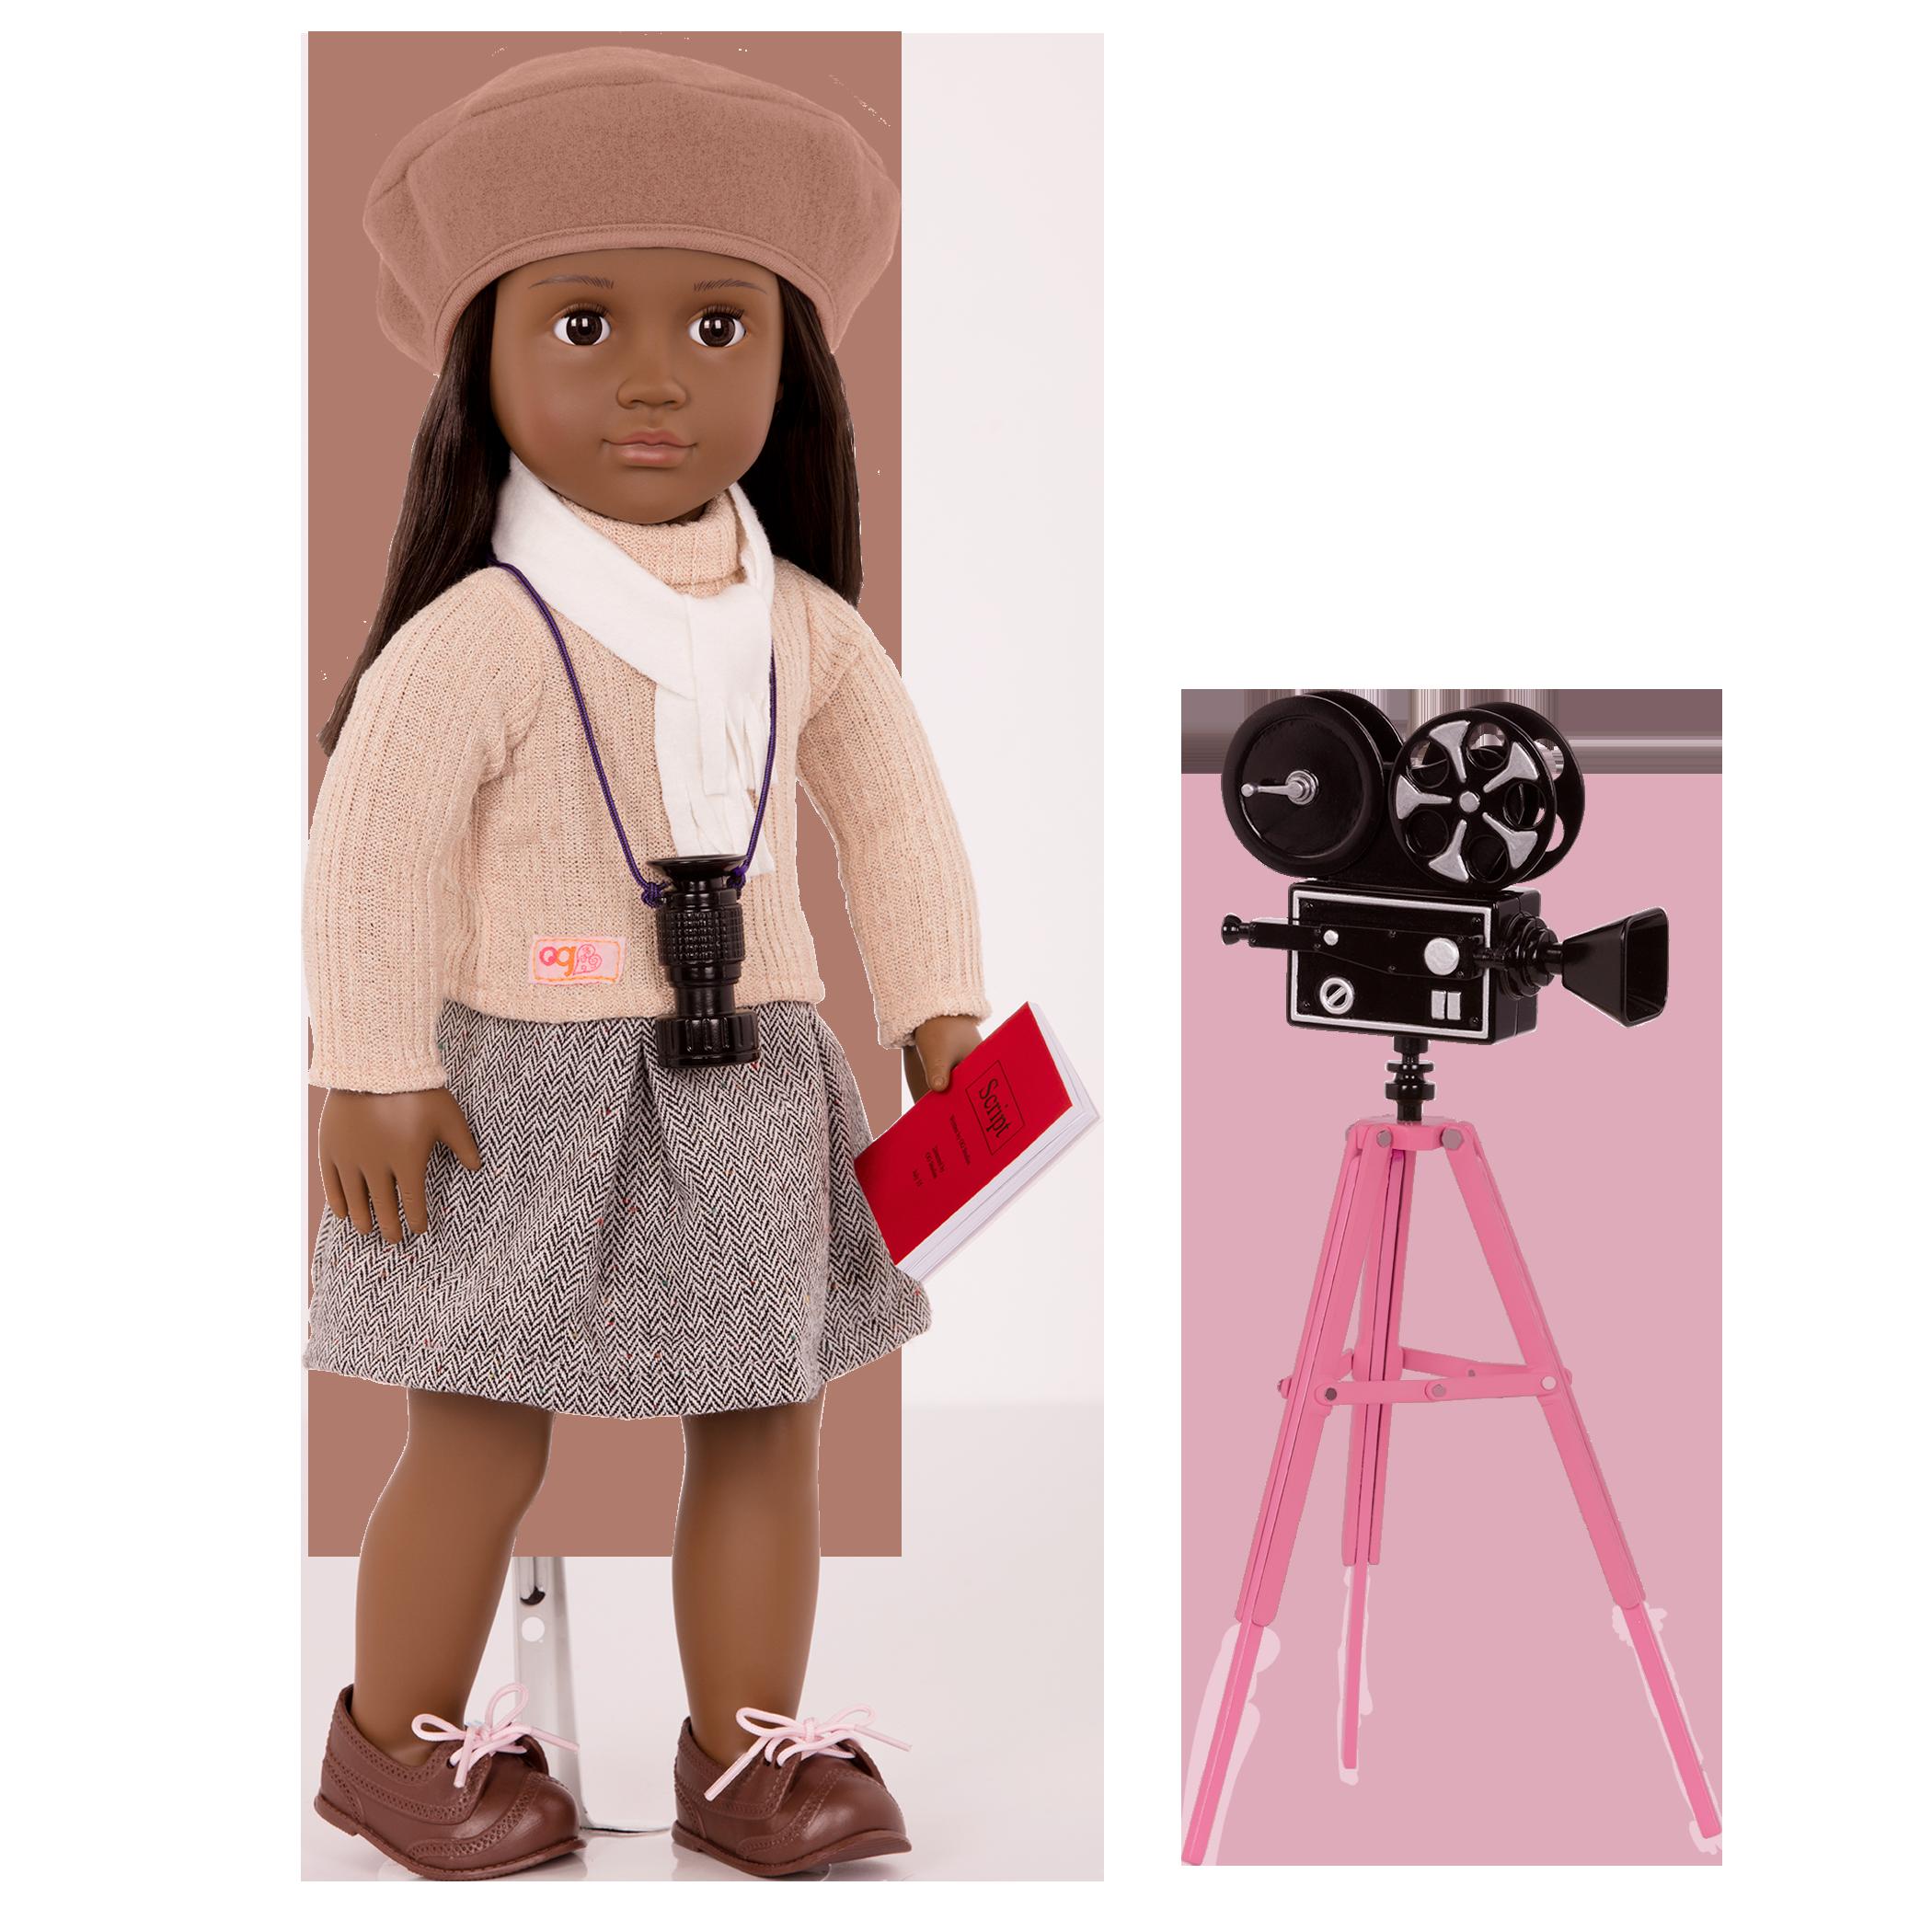 Diandrea Regular 18-inch Director Doll